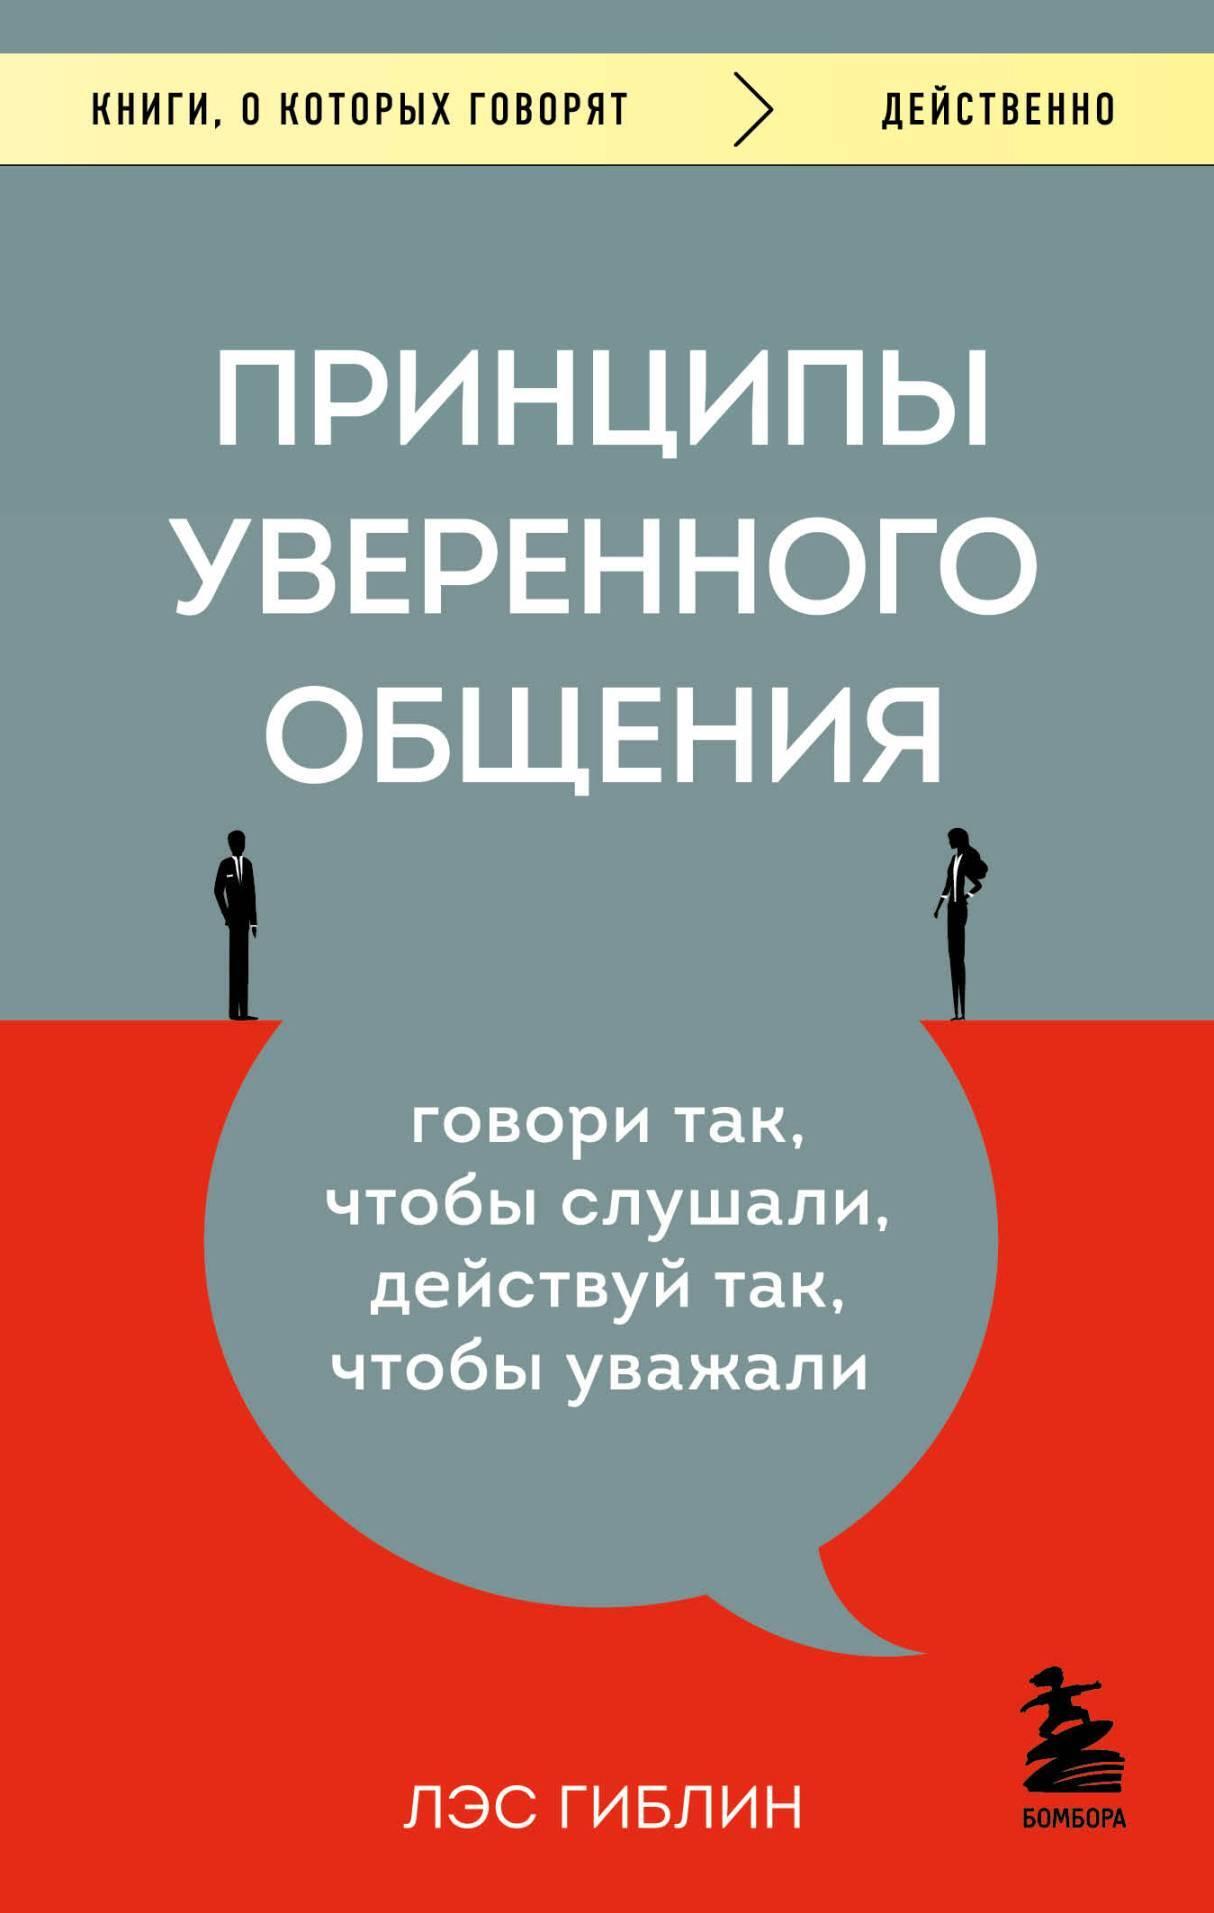 Обложка книги Как обрести уверенность и силу в общении с людьми